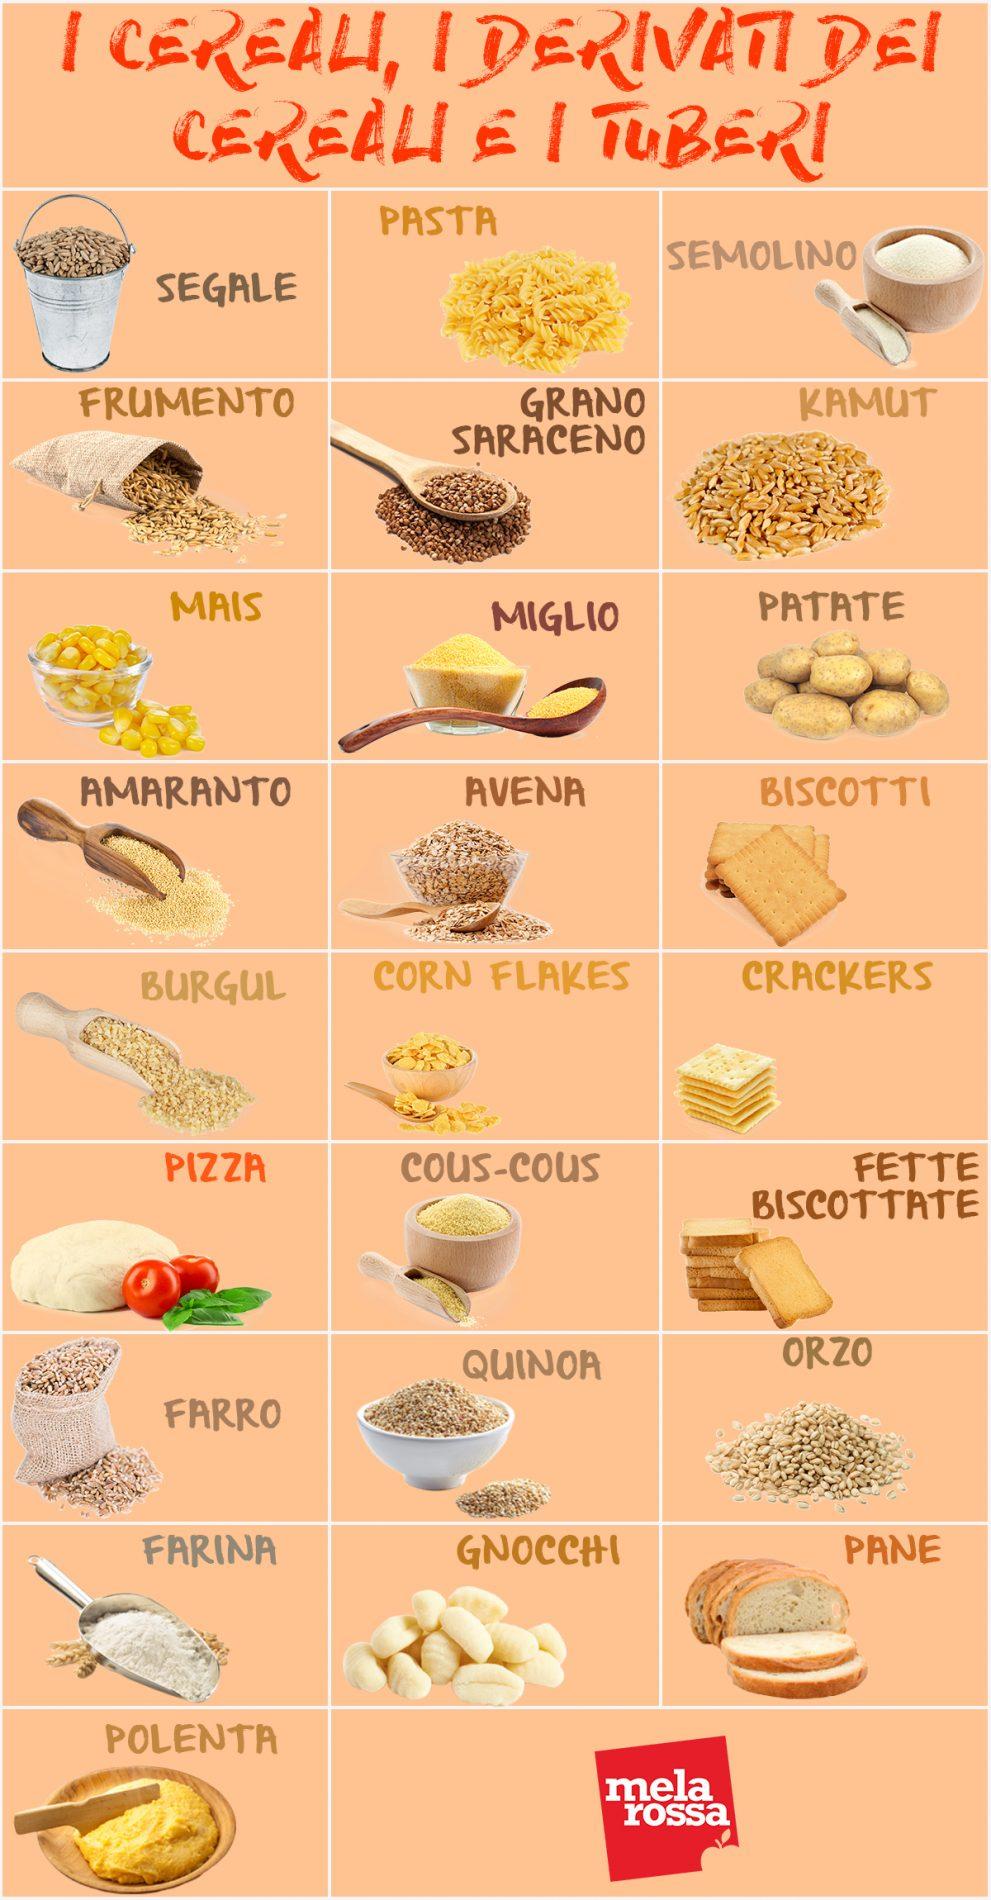 Tabella sostituzioni: cereali, derivati e tuberi